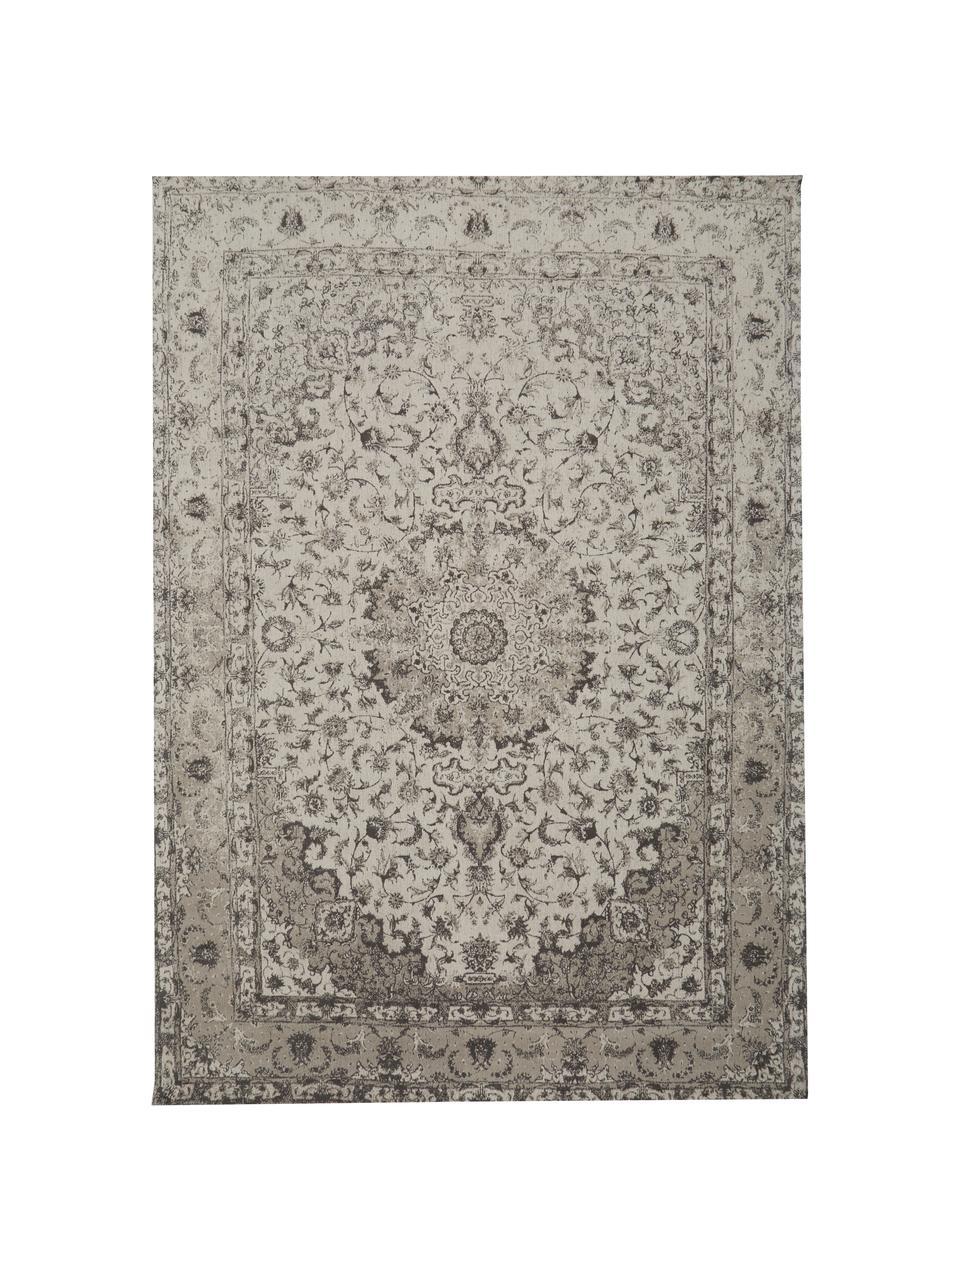 Vintage Chenilleteppich Sofia in Beige-Grau, handgewebt, Flor: 95% Baumwolle, 5% Polyest, Beige, Grau, B 160 x L 230 cm (Größe M)